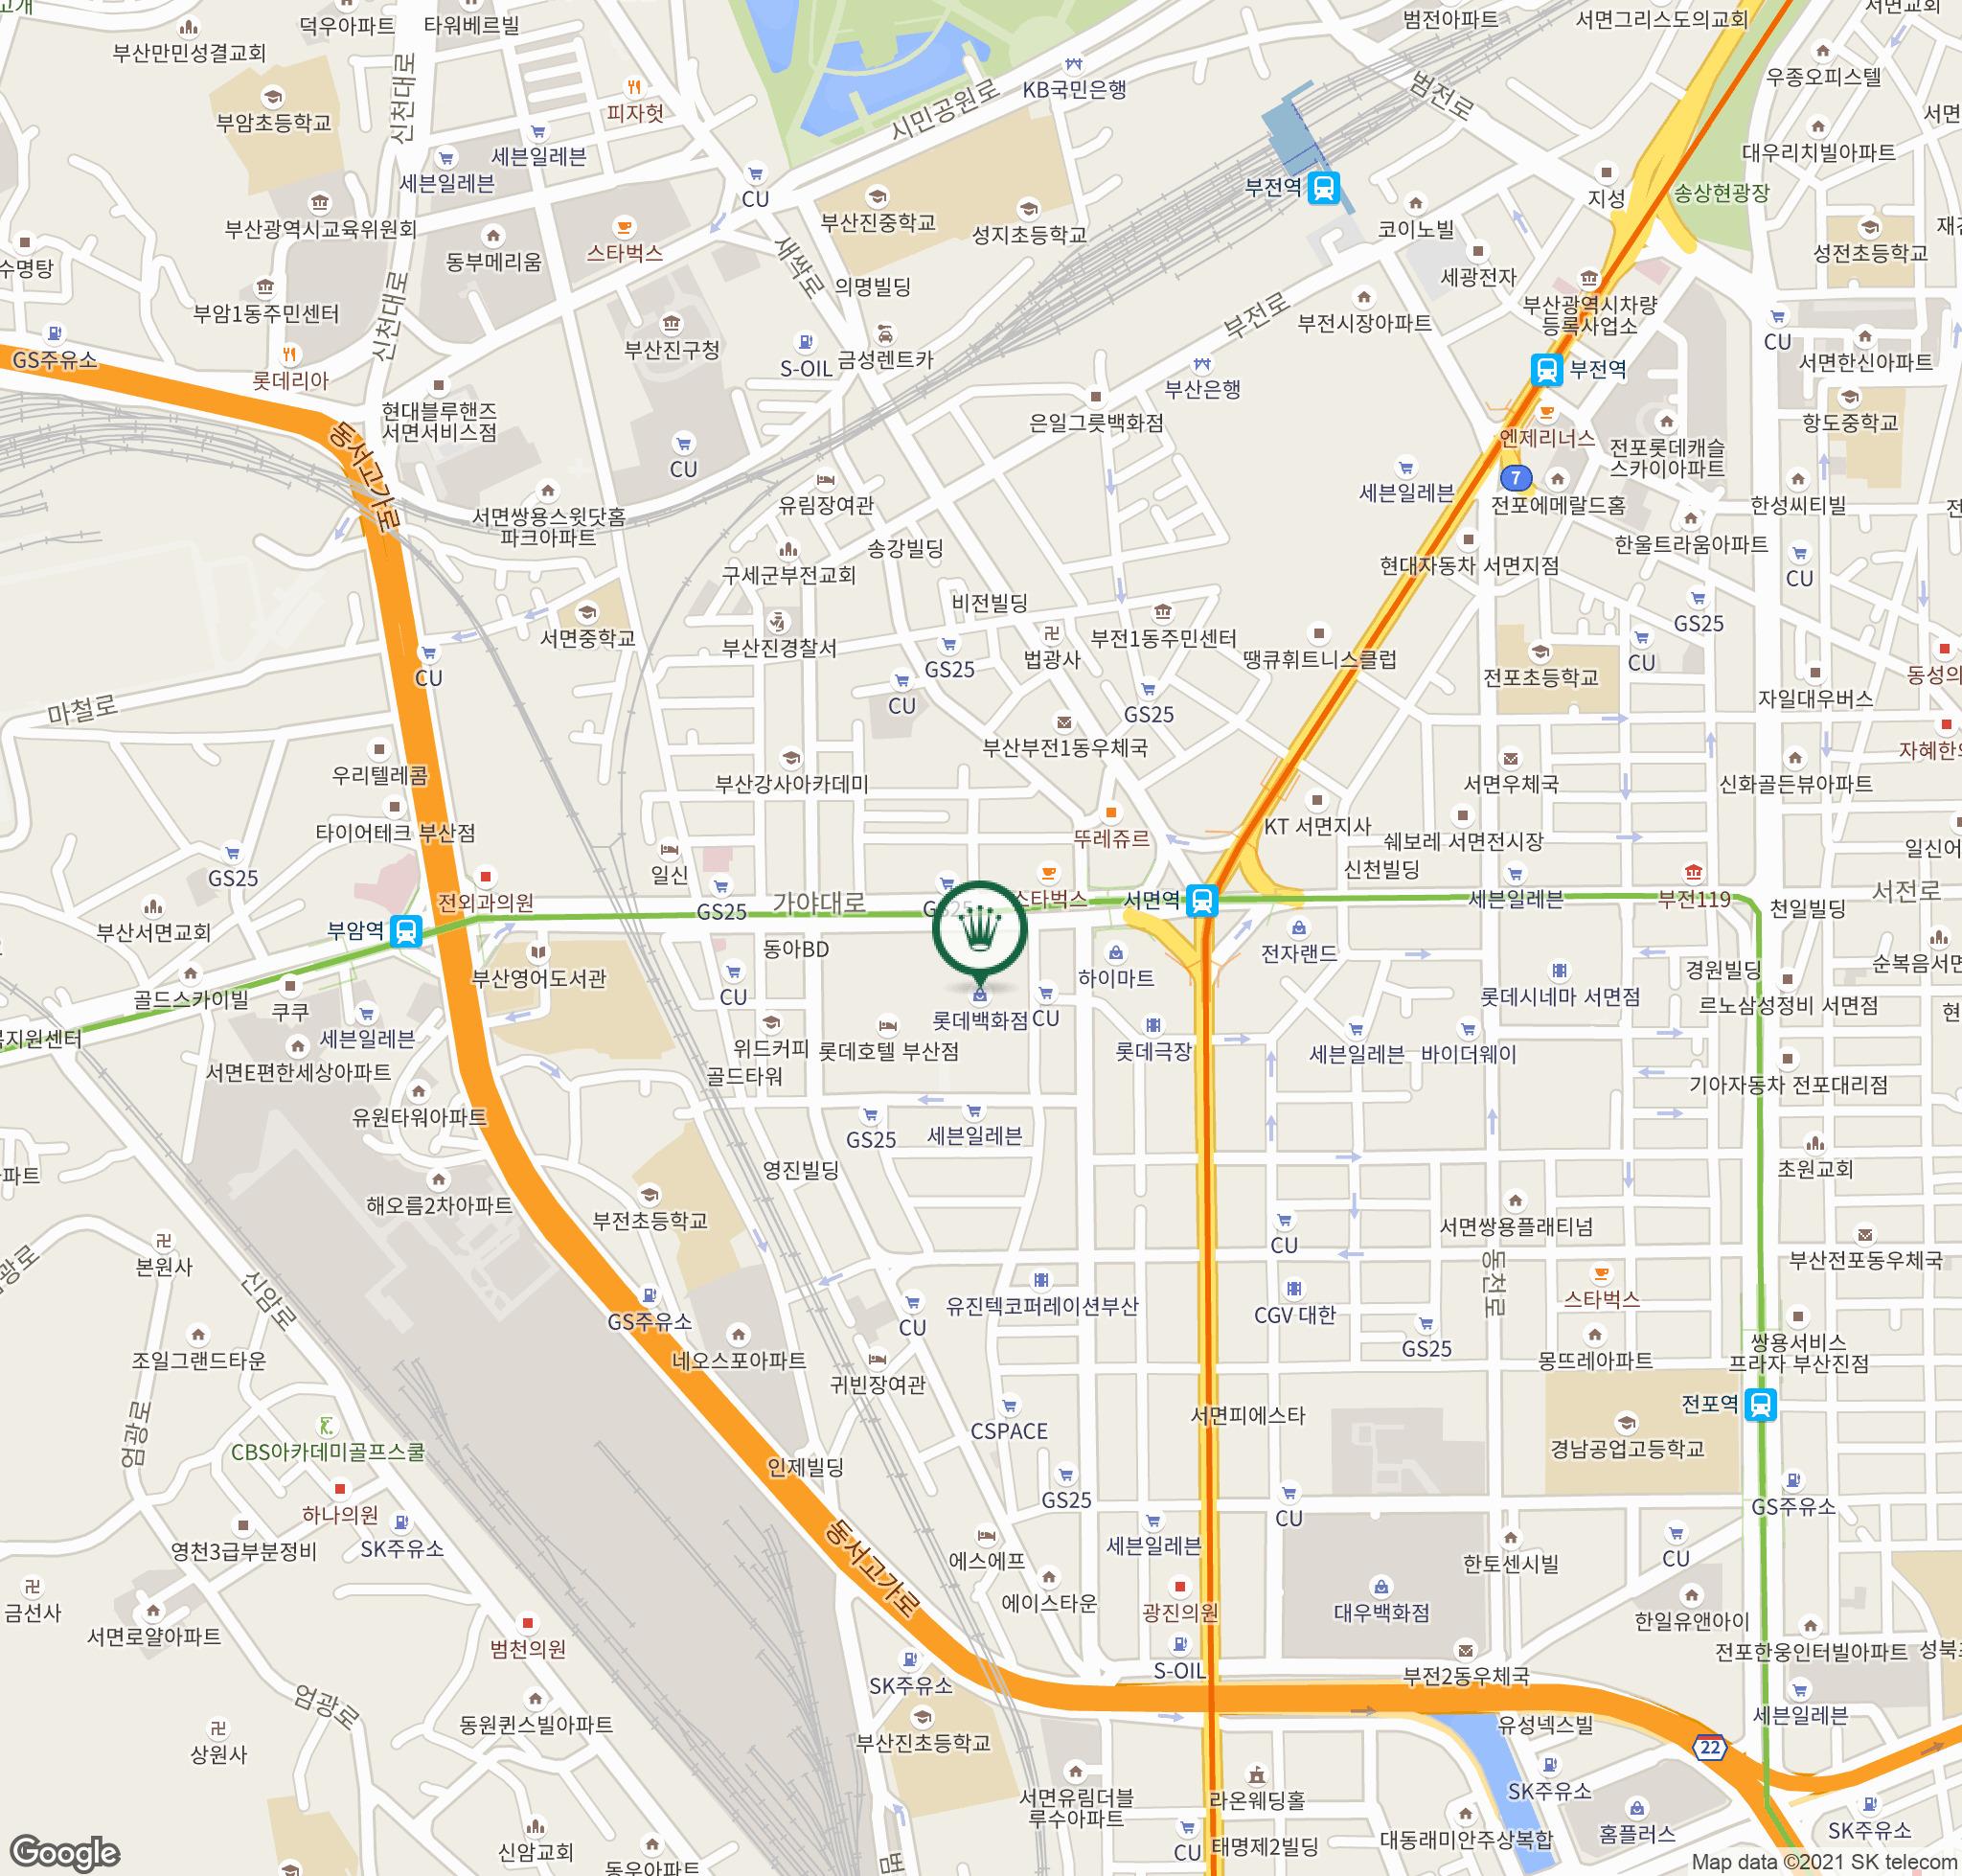 홍보시계 지도